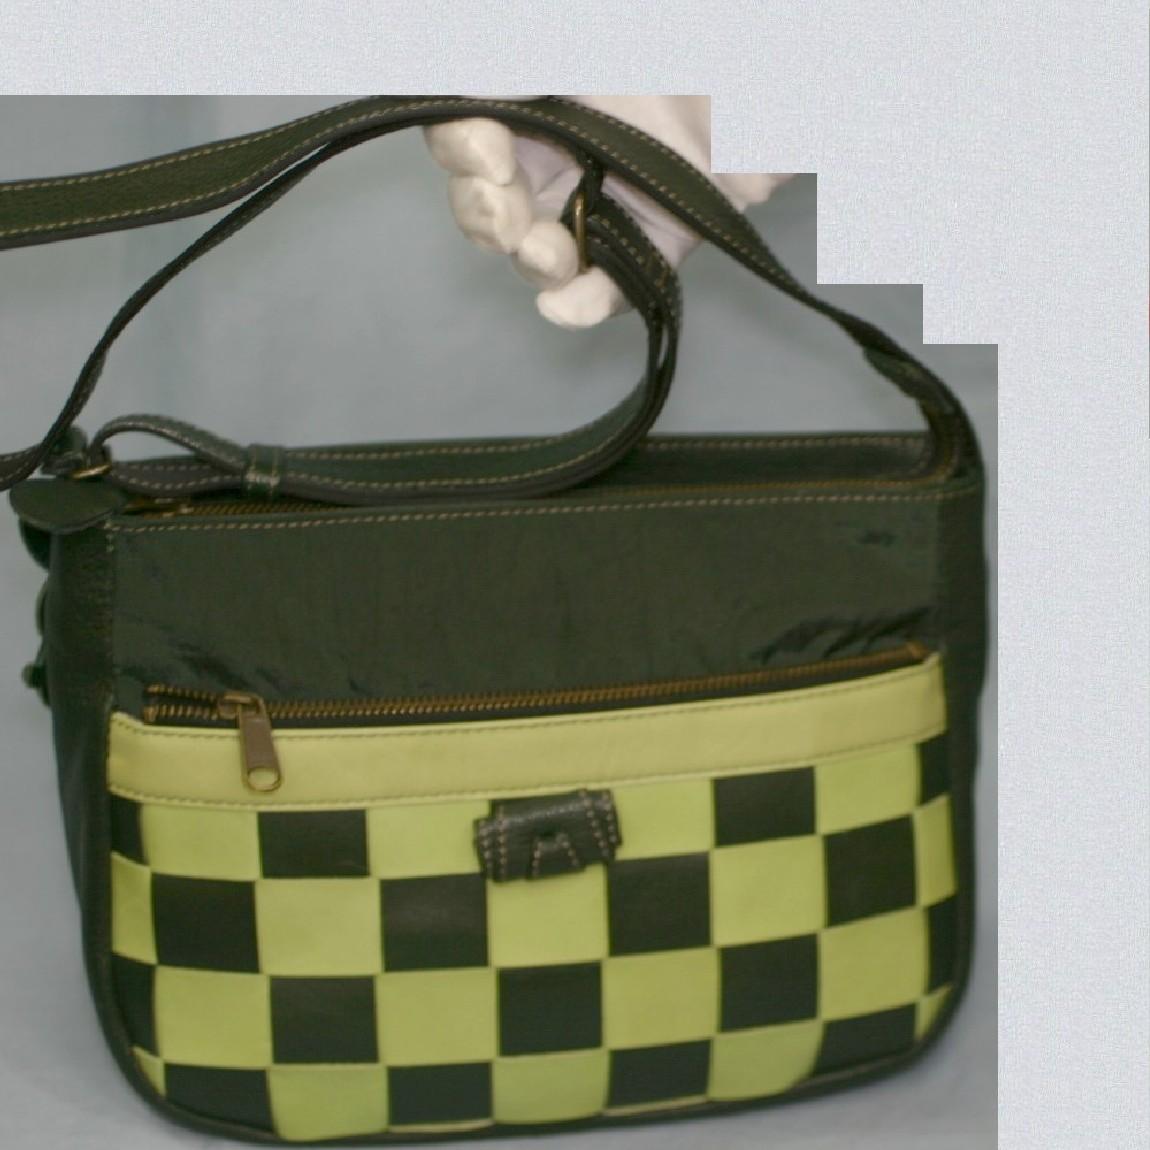 【中古】本物イビザ28センチ緑ナイロンx革x黄色パッチワ-ク付斜掛ショルダ-バッグ